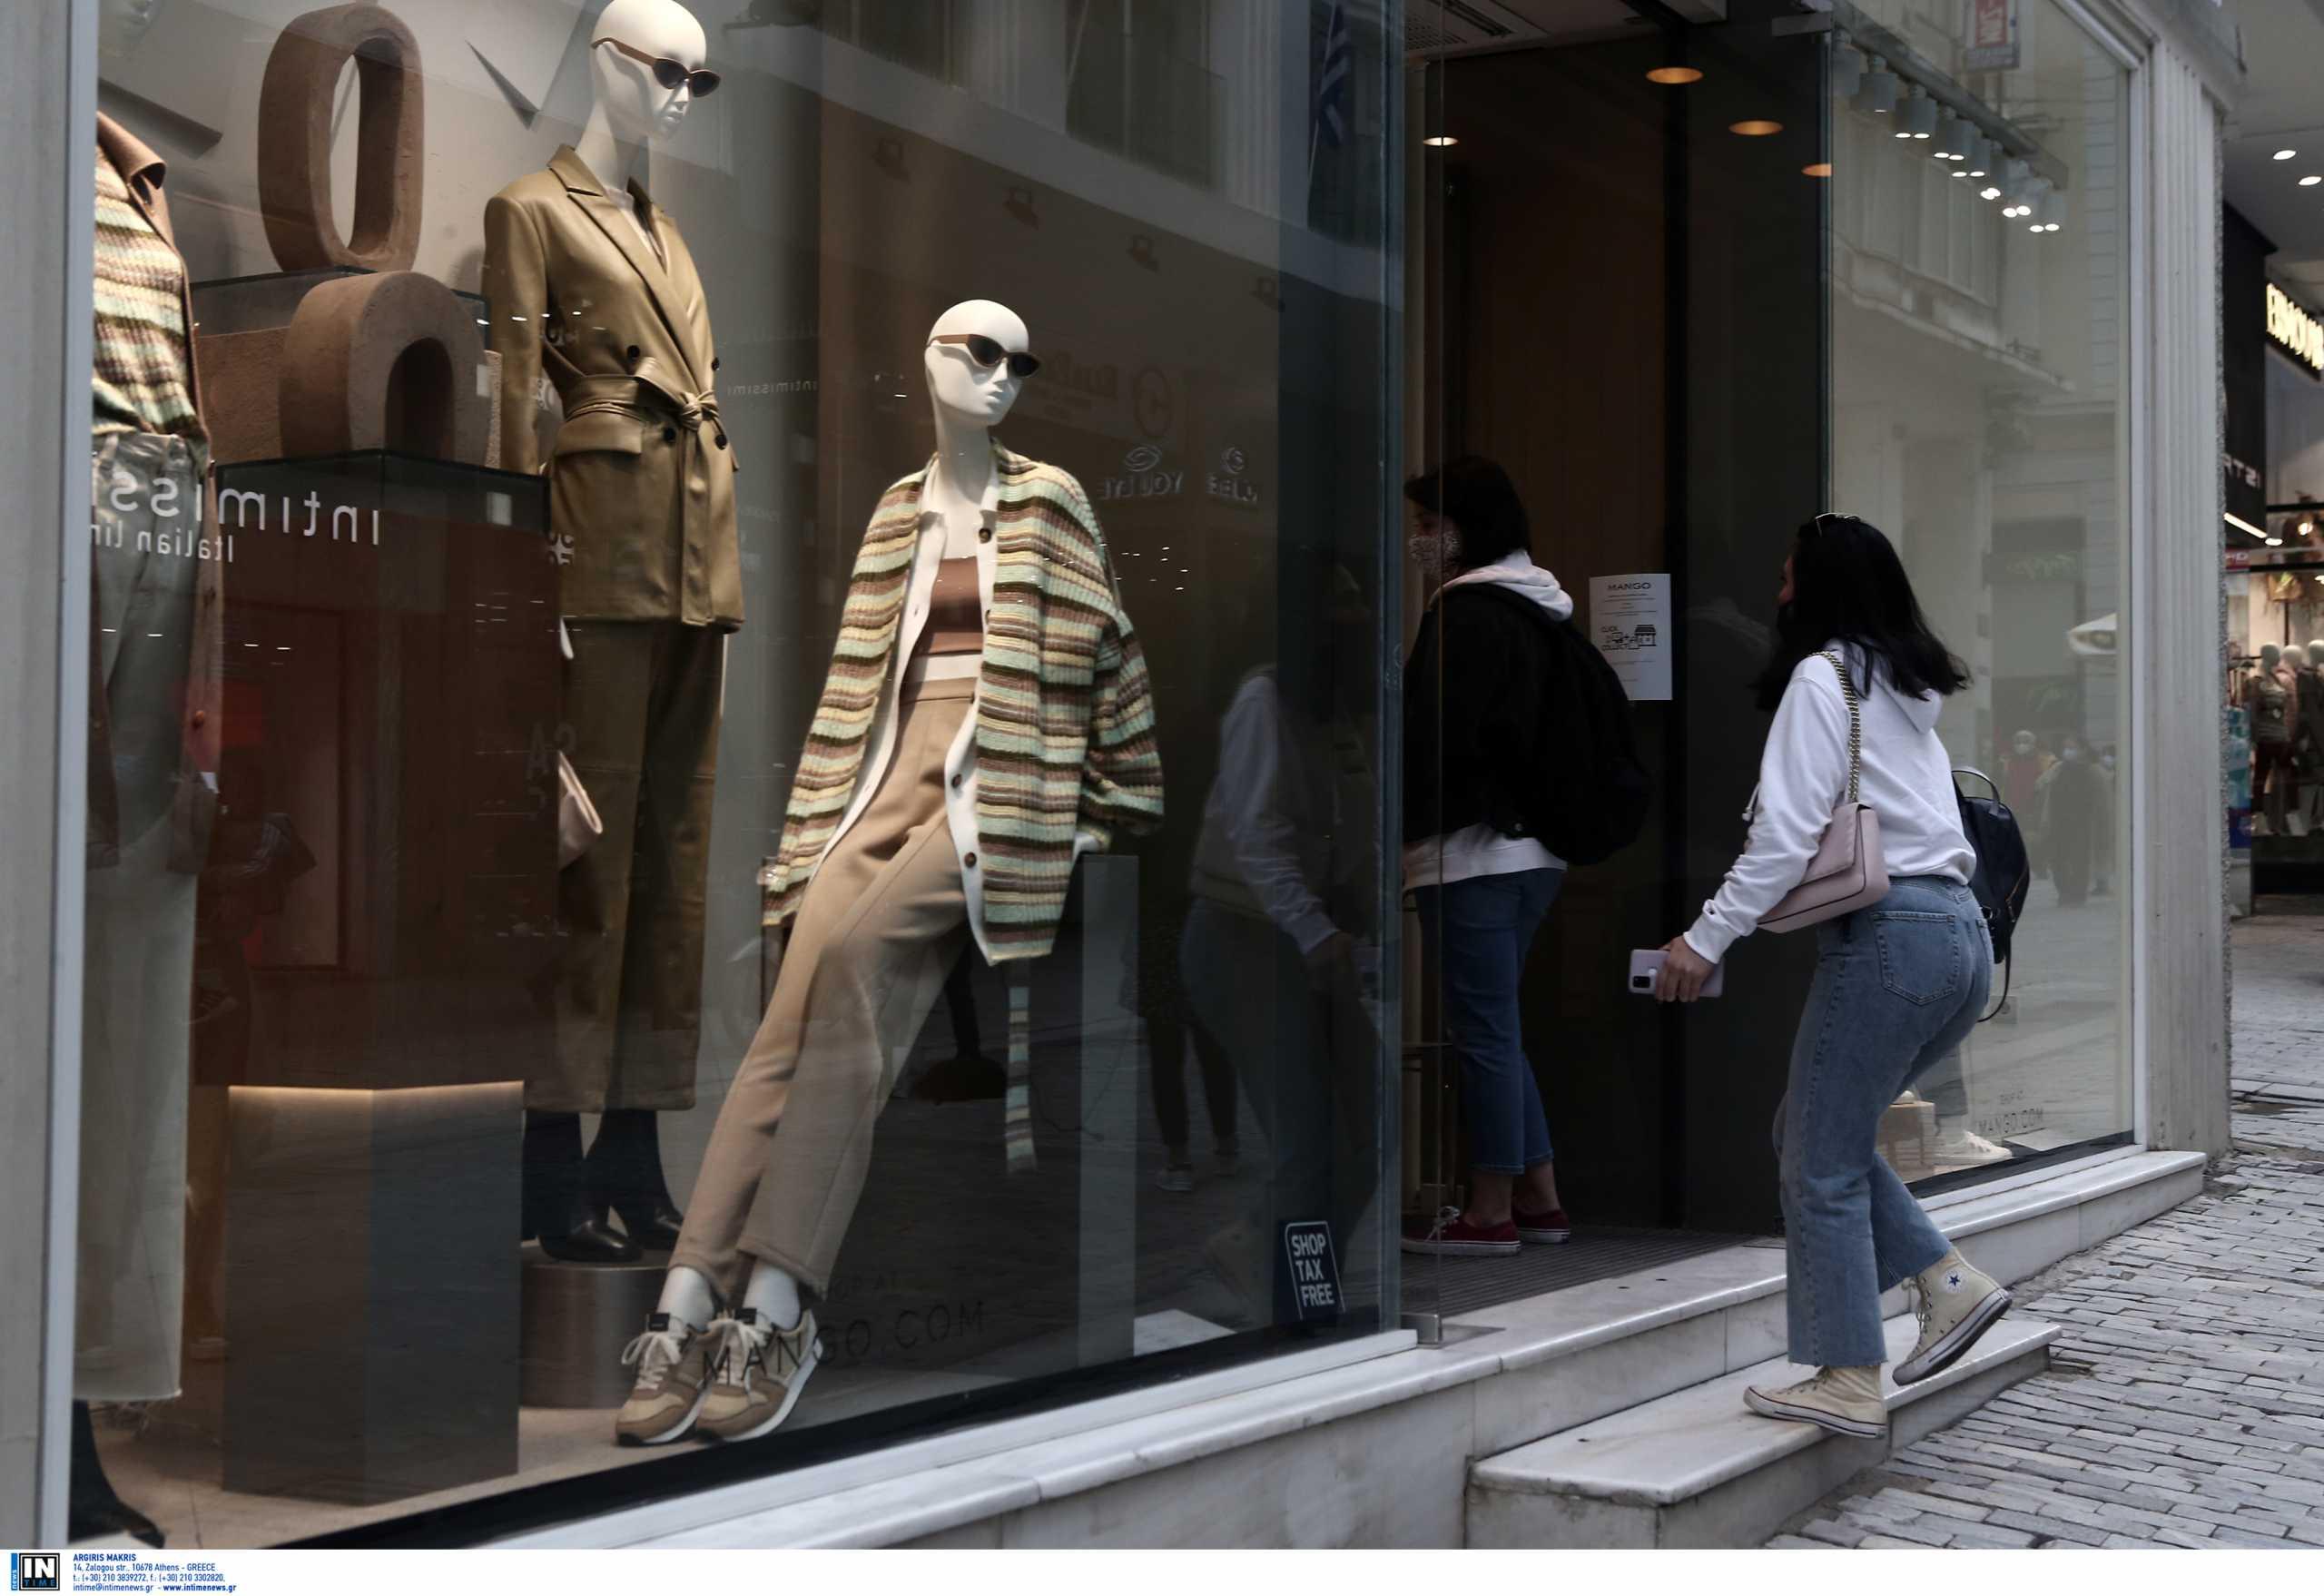 Φόβοι και προσδοκίες από το άνοιγμα του λιανεμπορίου – Έμποροι: «Να μην έχουμε πισωγύρισμα»